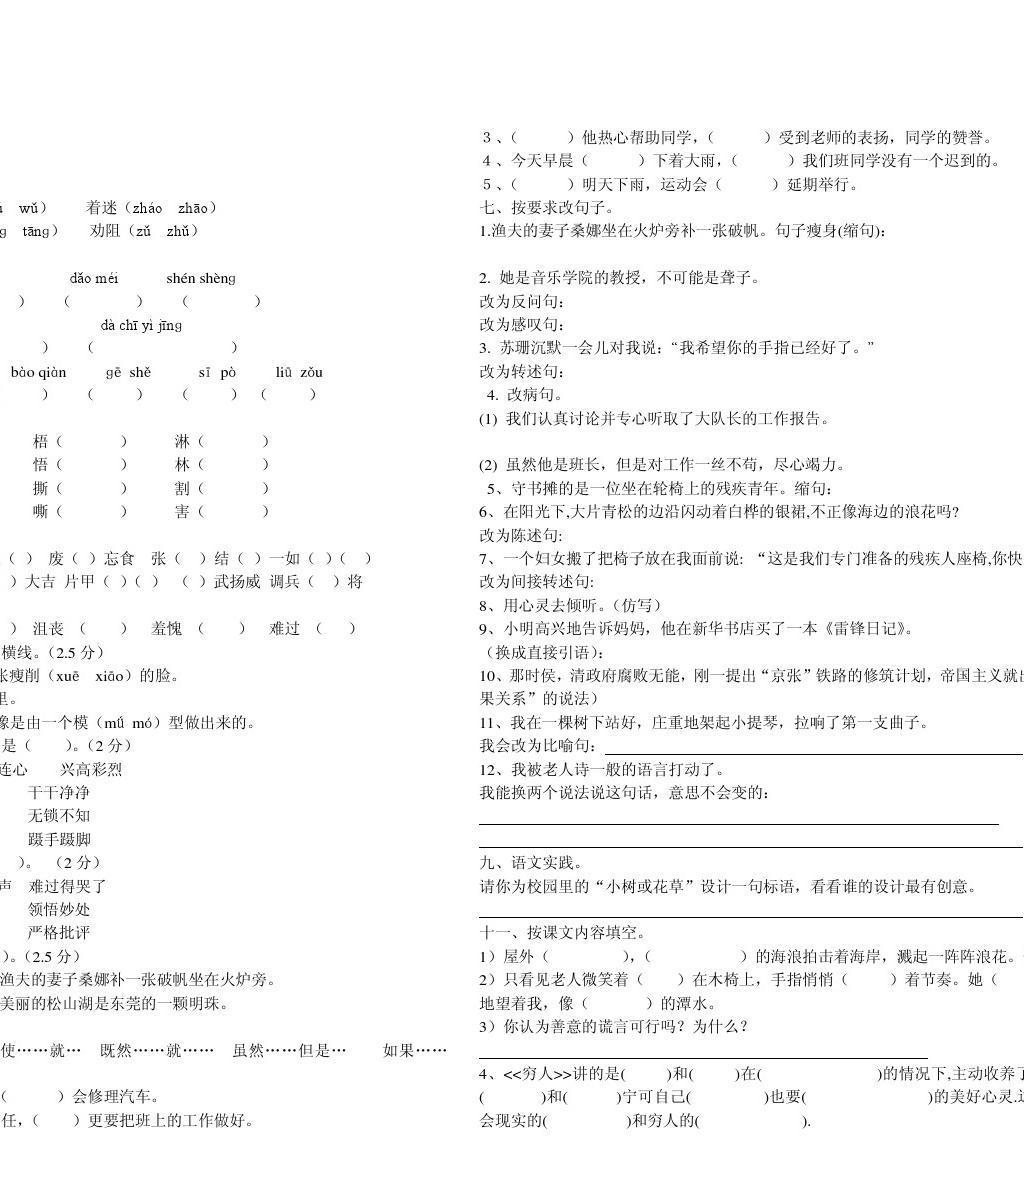 六年级上册试卷答案_新人教版六年级上册语文第三单元试卷答案_word文档在线阅读与 ...